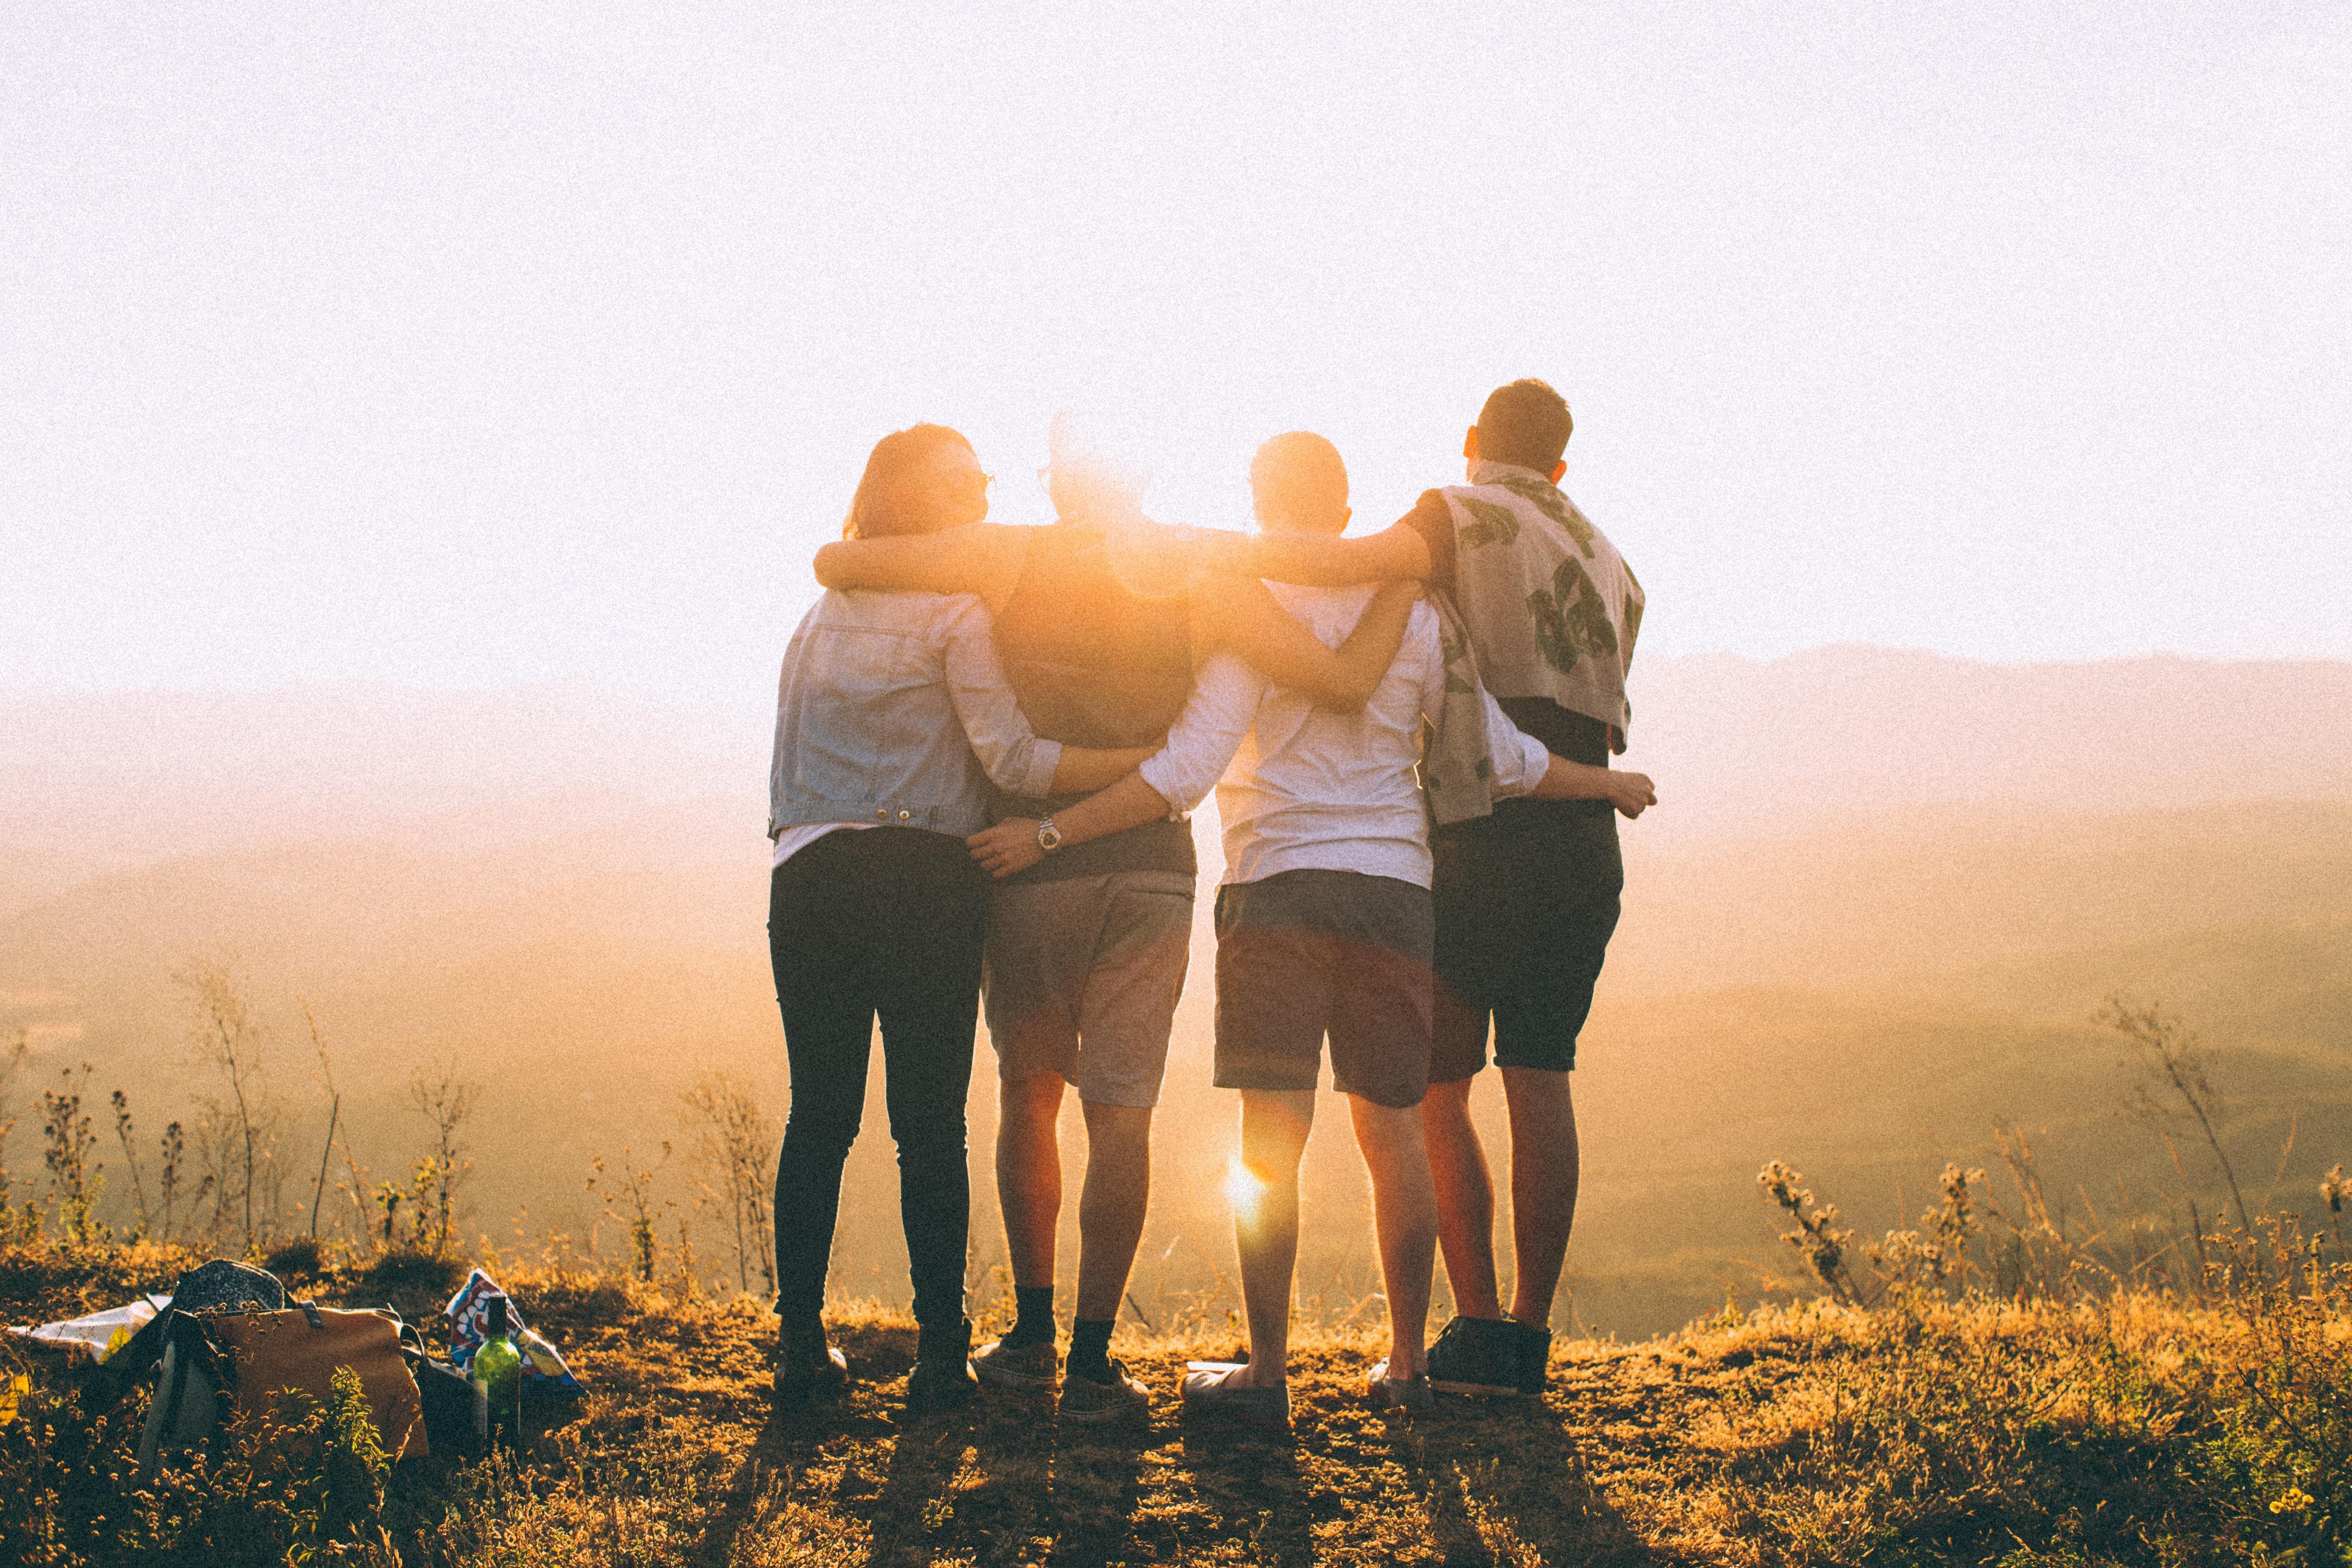 ▲朋友,好友,登山,爬山。(圖/取自免費圖庫Pexels)